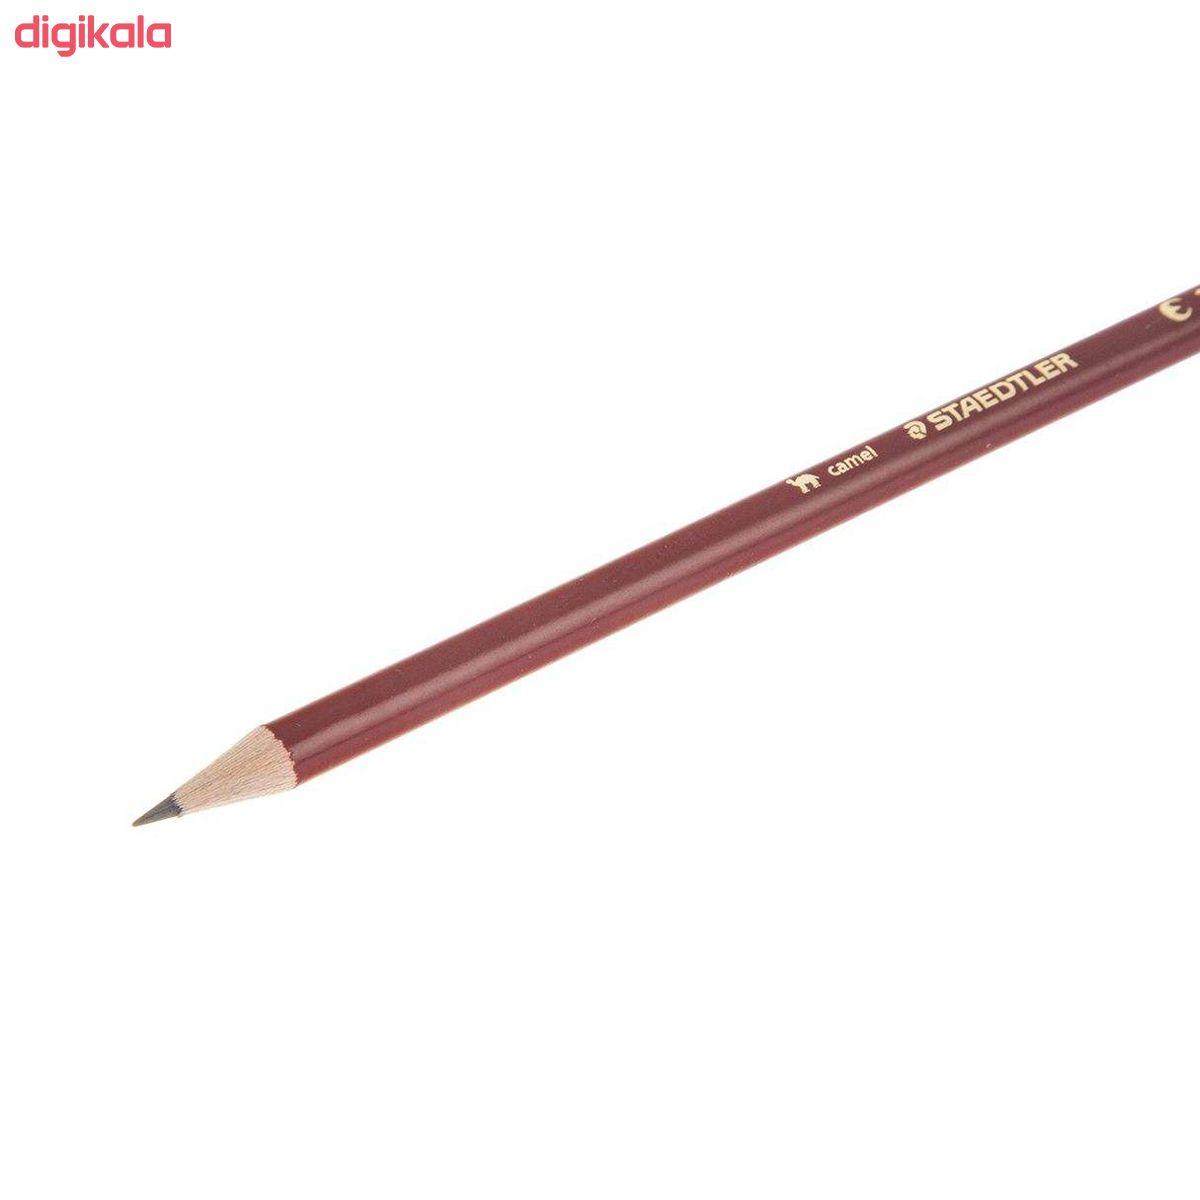 مداد مشکی استدلر مدل Camel کد 10 131 بسته 3 عددی  main 1 2